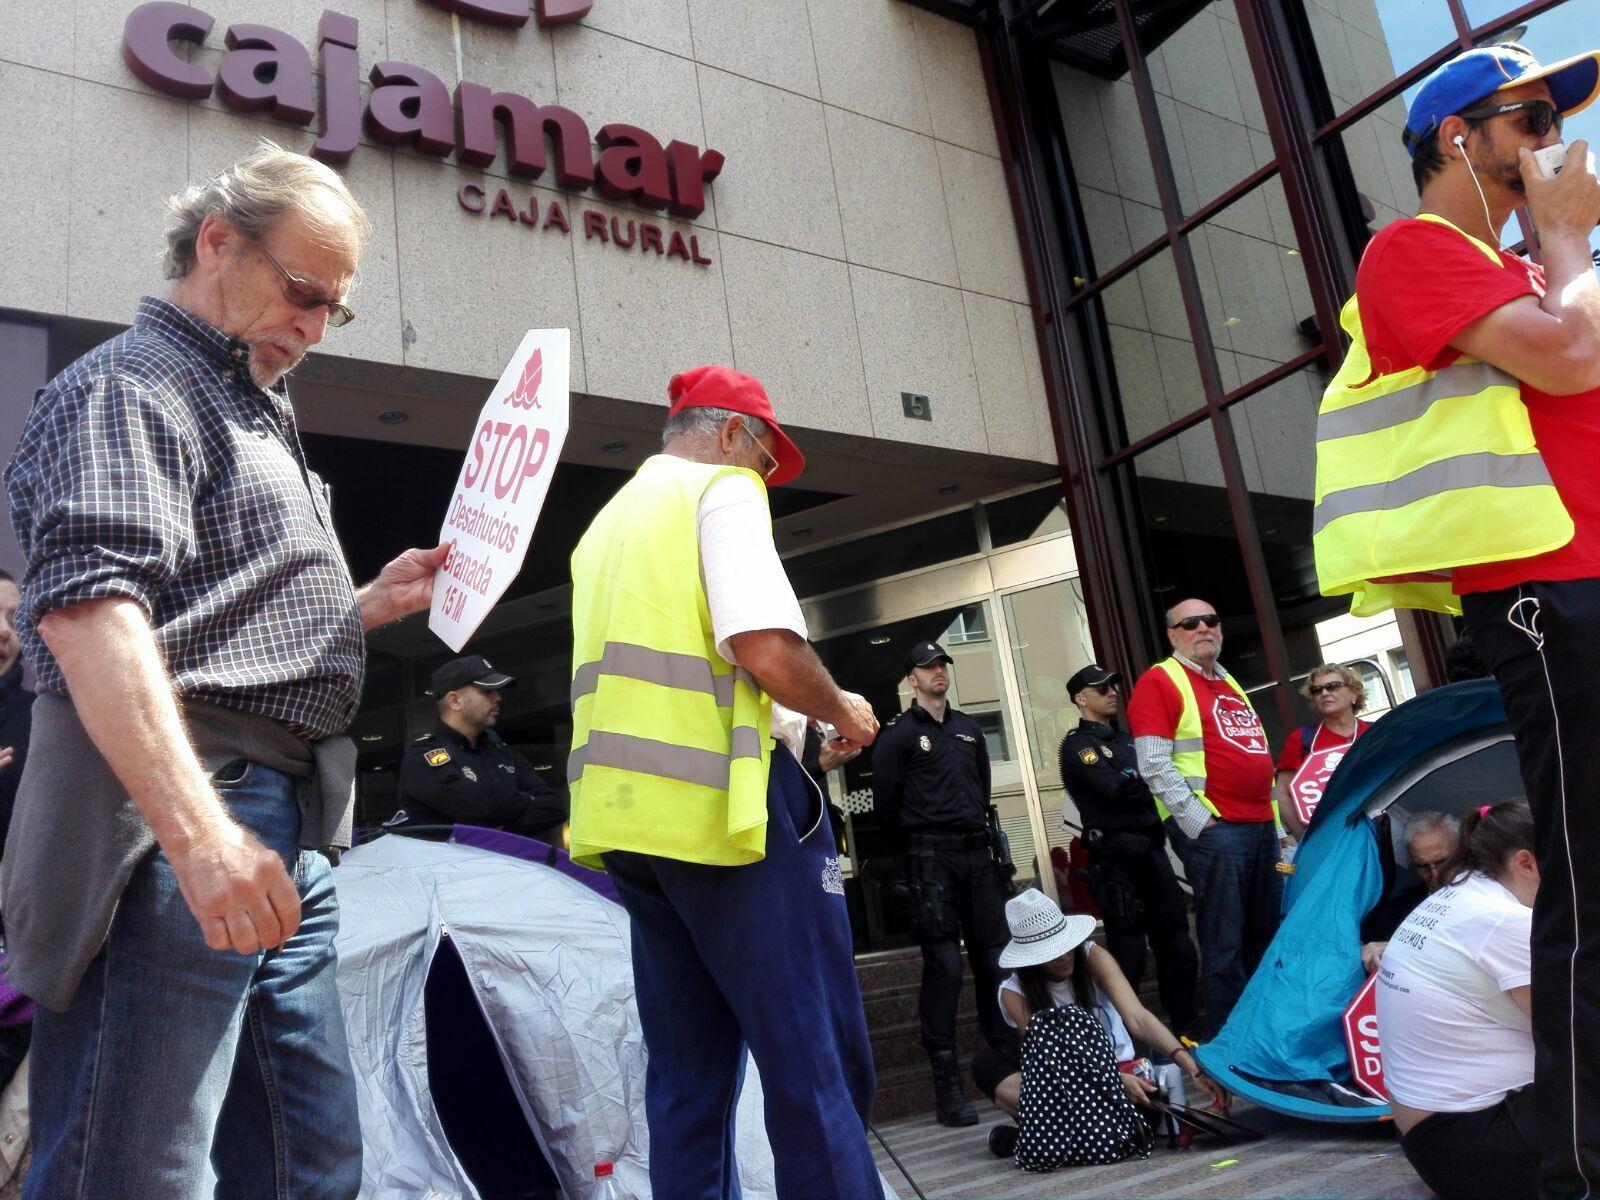 Gran concentraci n en cajamar almeria la marcha lleg for Oficinas cajamar almeria